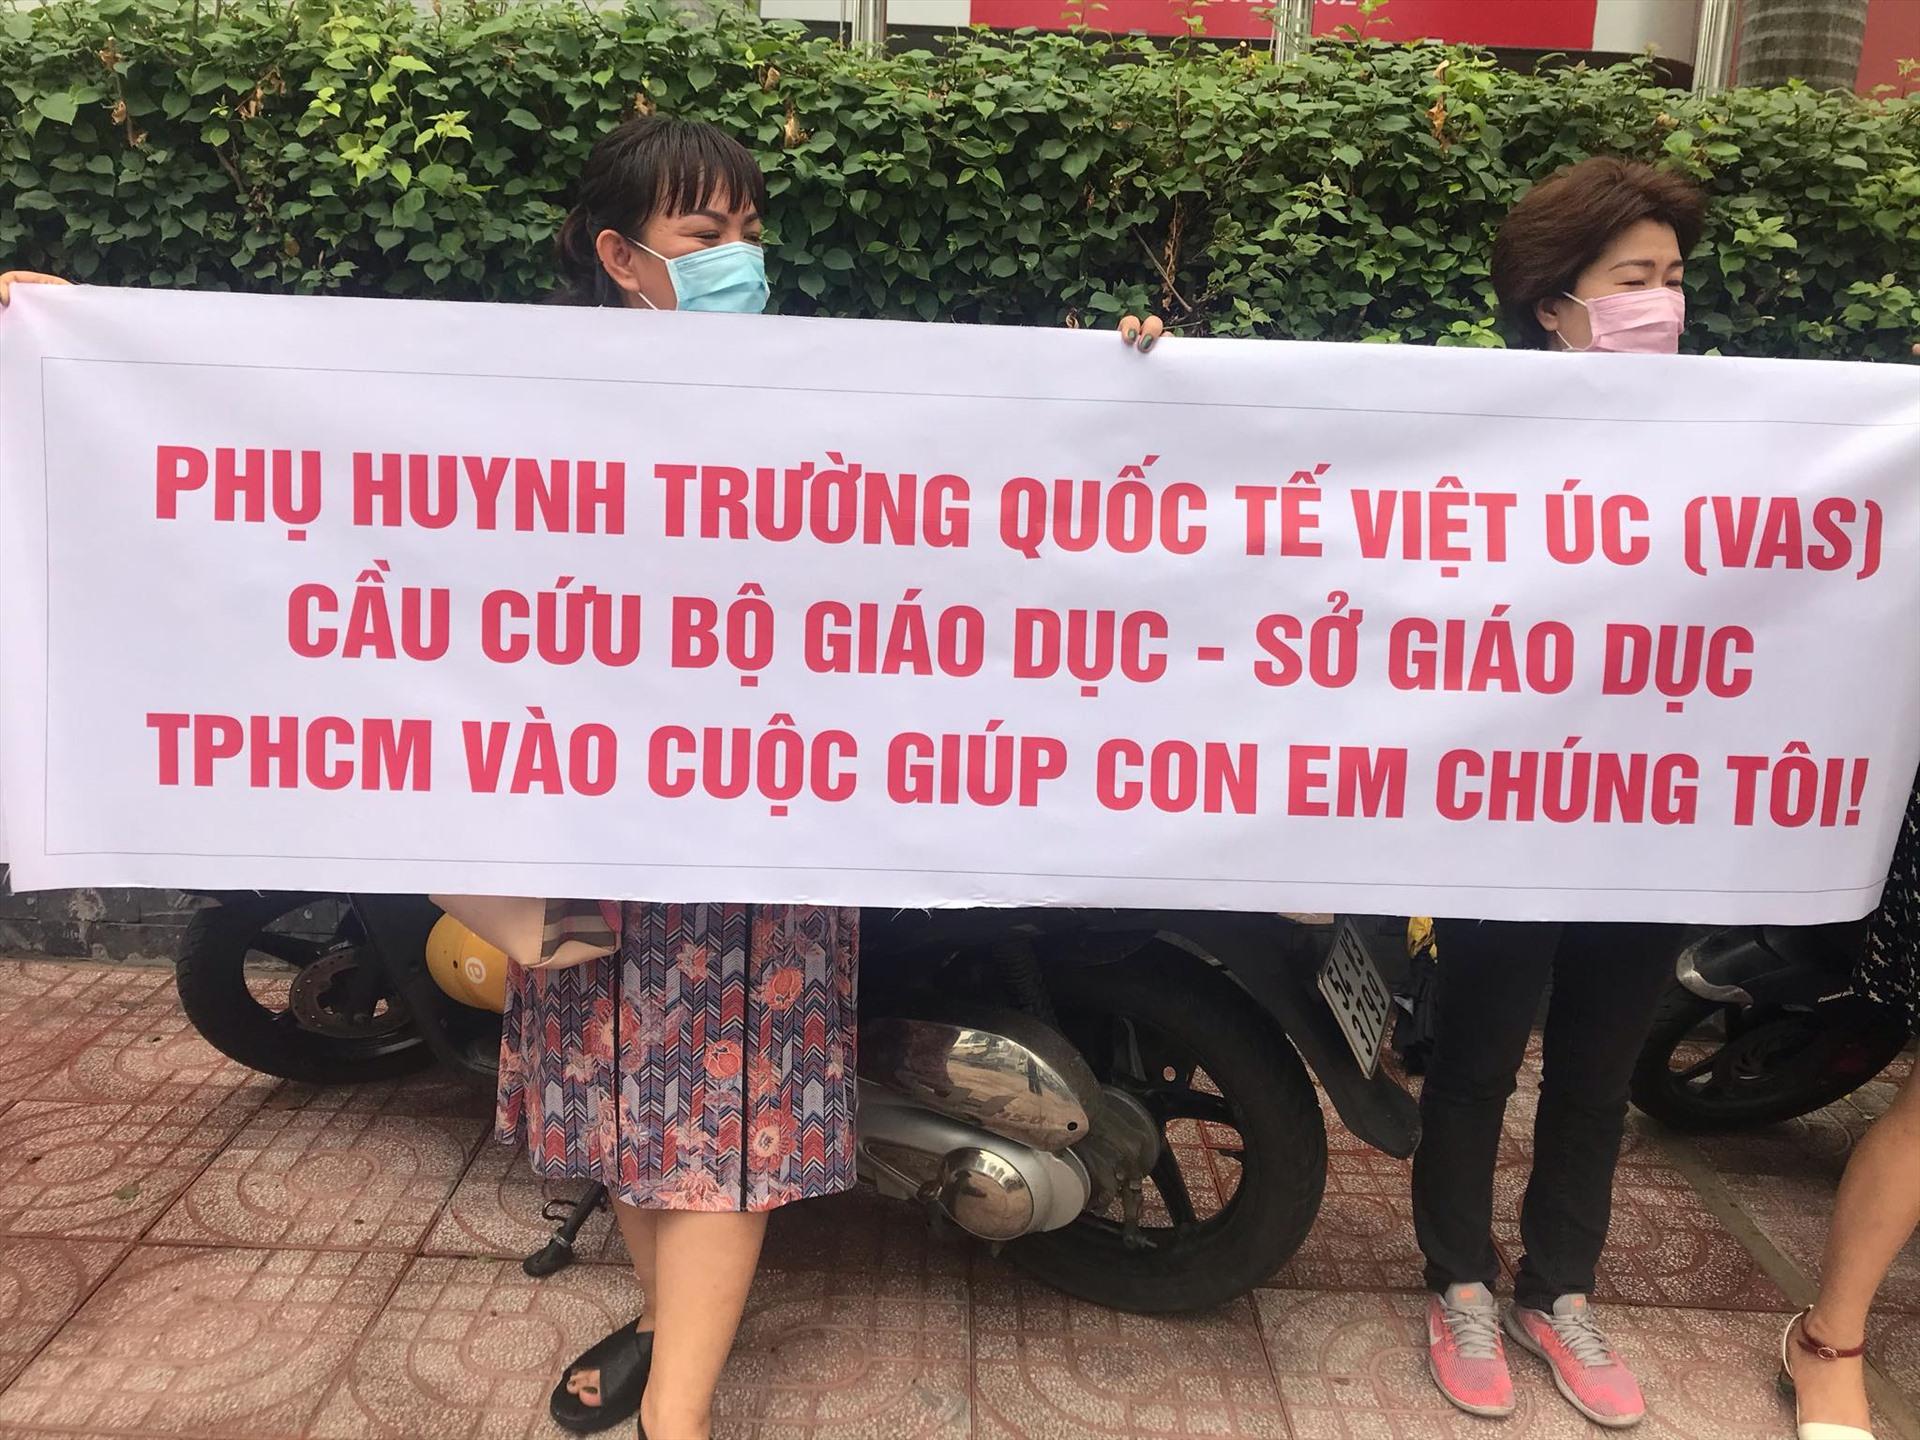 phu huynh truong viet uc lan 3 phan doi hoc phi